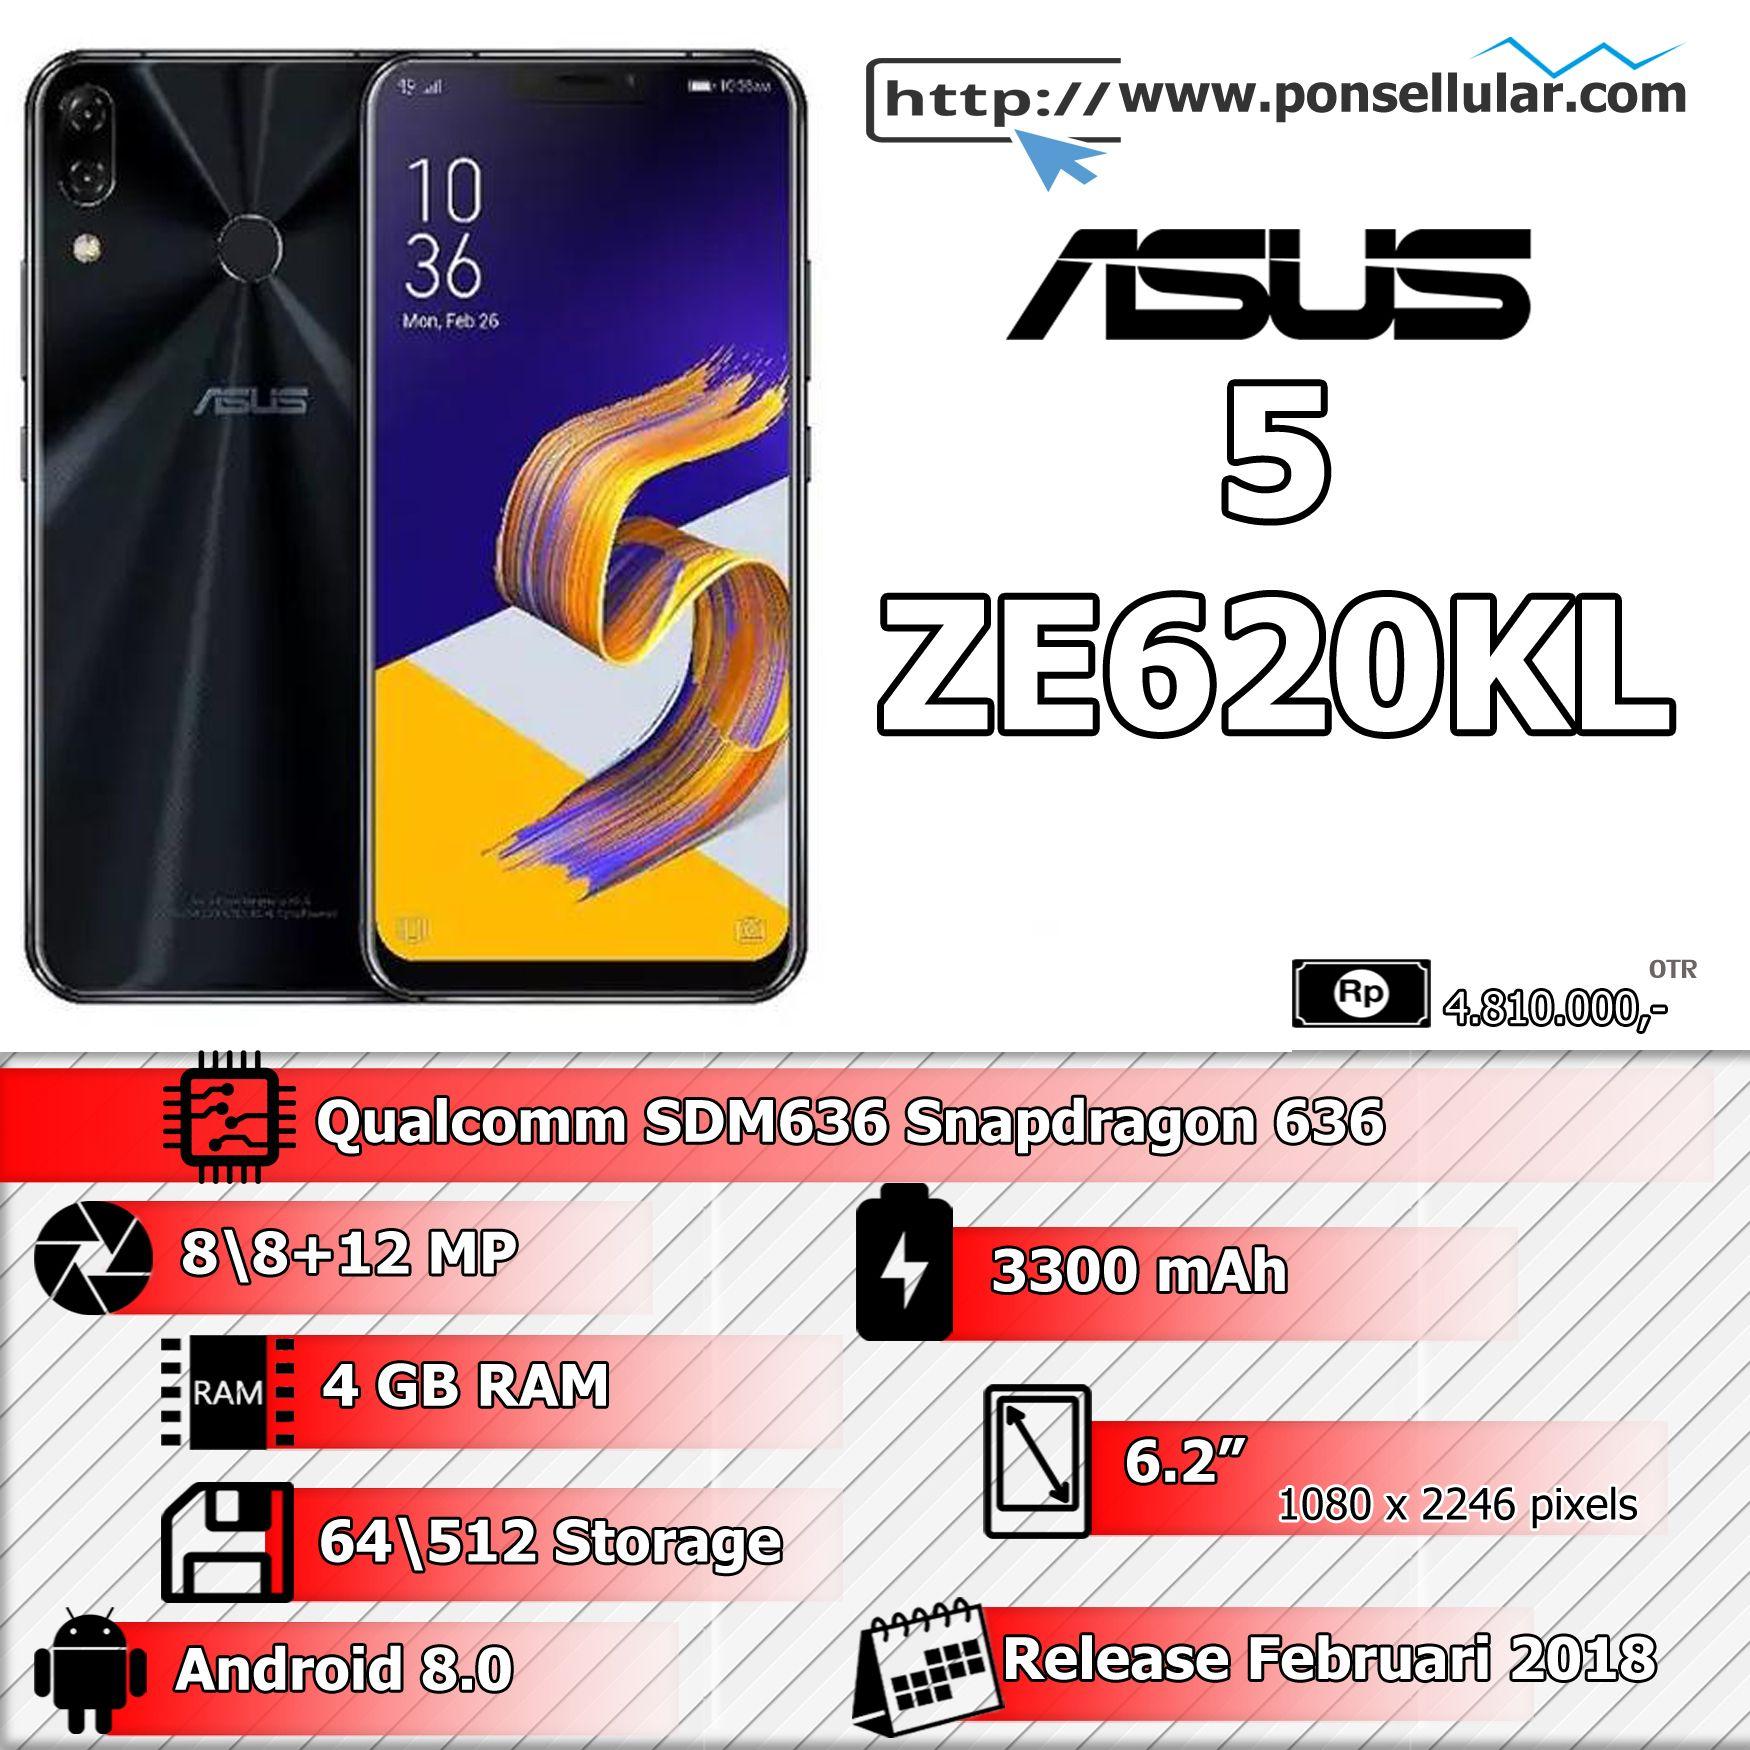 Asus Zenfone 5 Harga Dan Spesifikasi Ponsellular Com Asus